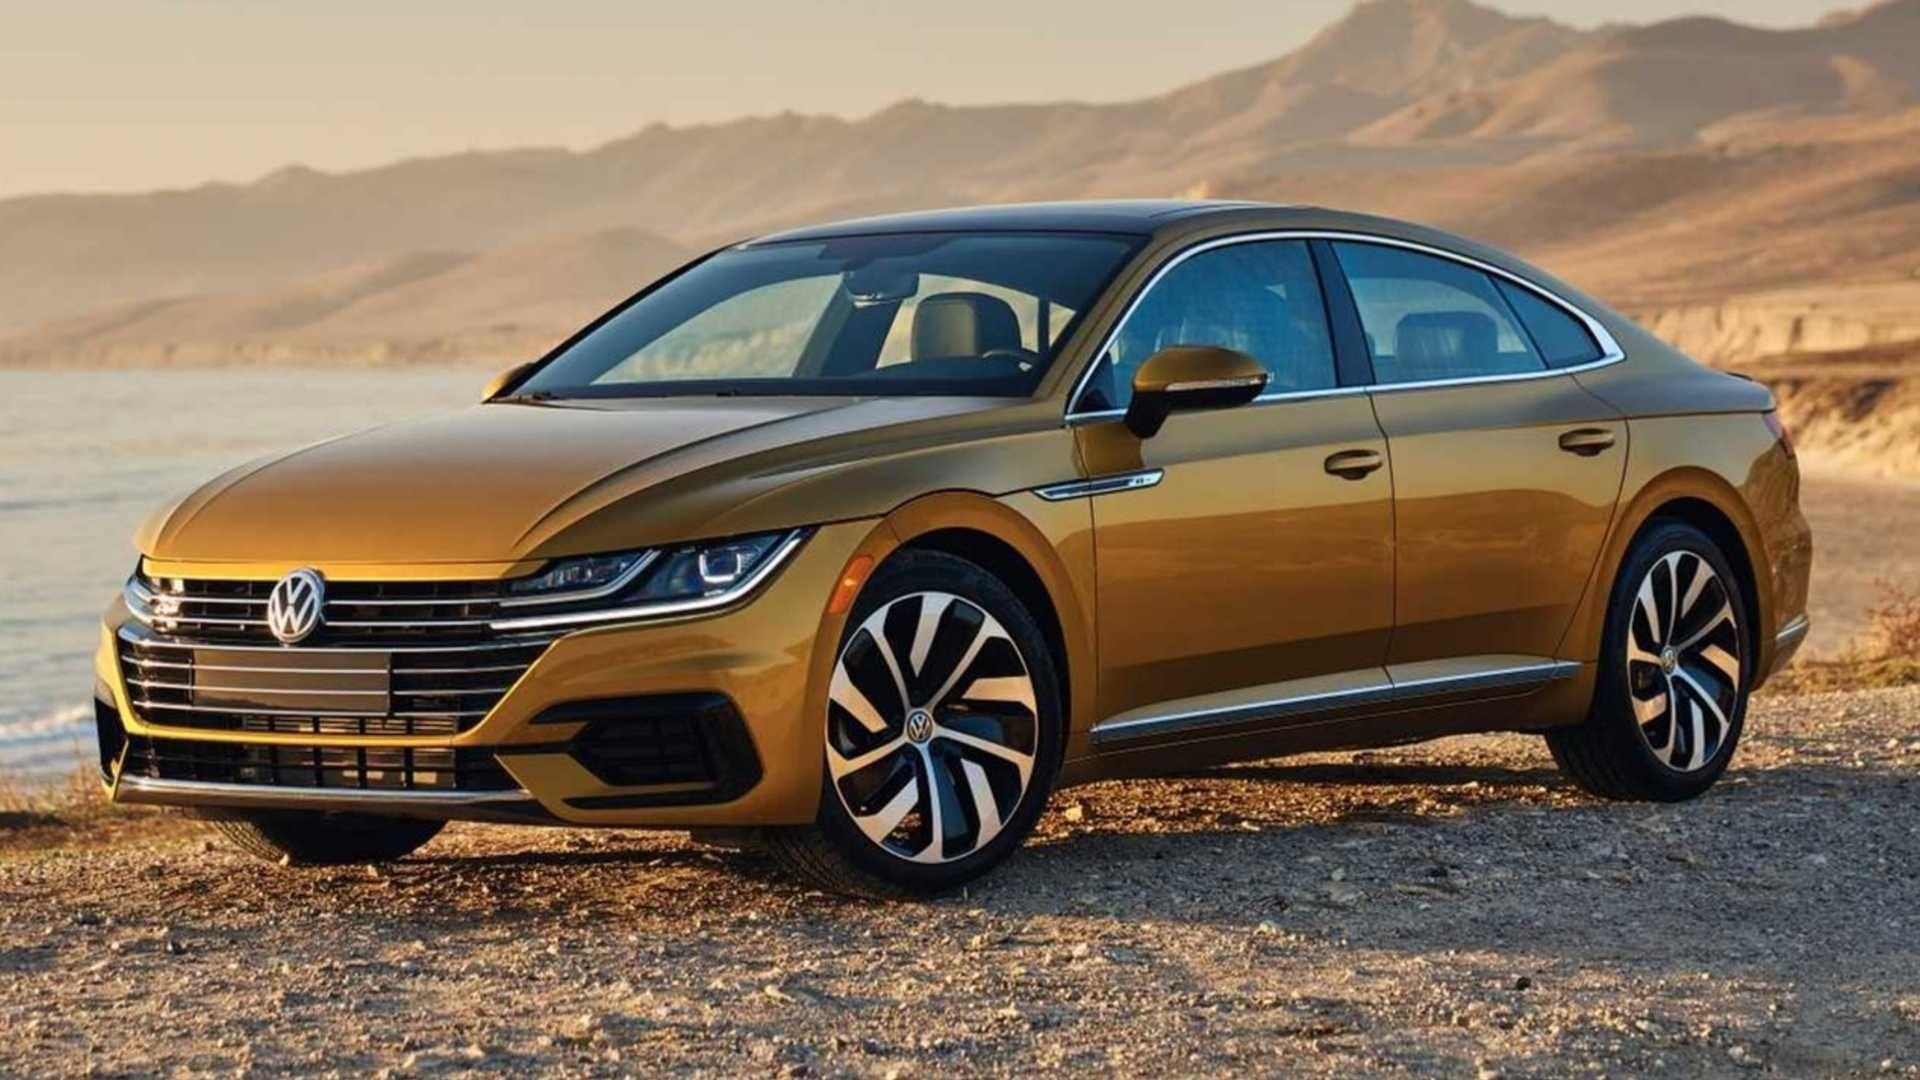 2021 Volkswagen Arteon Review And Specs Volkswagen Car Volkswagen Car